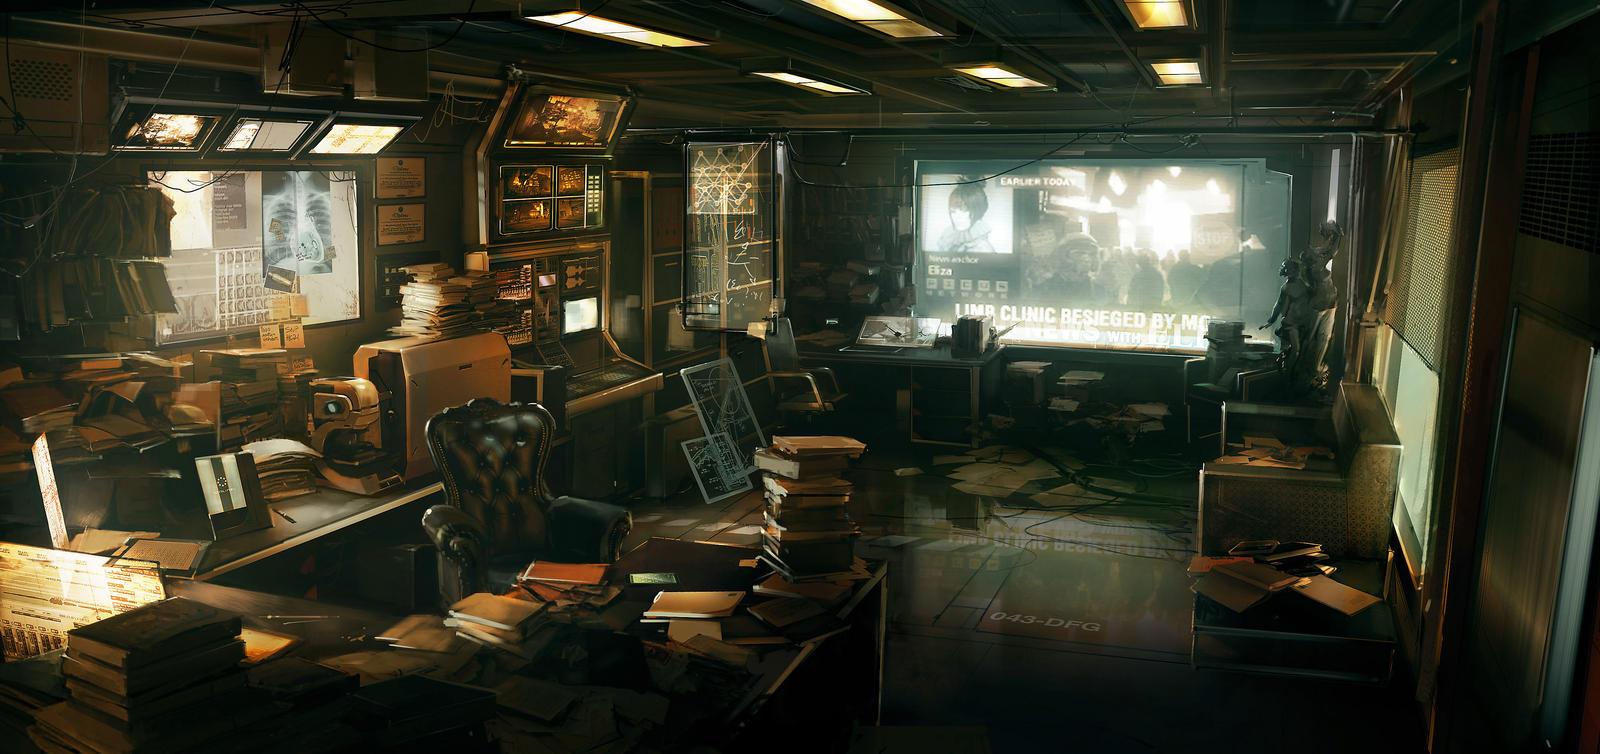 Deus Ex 3 office